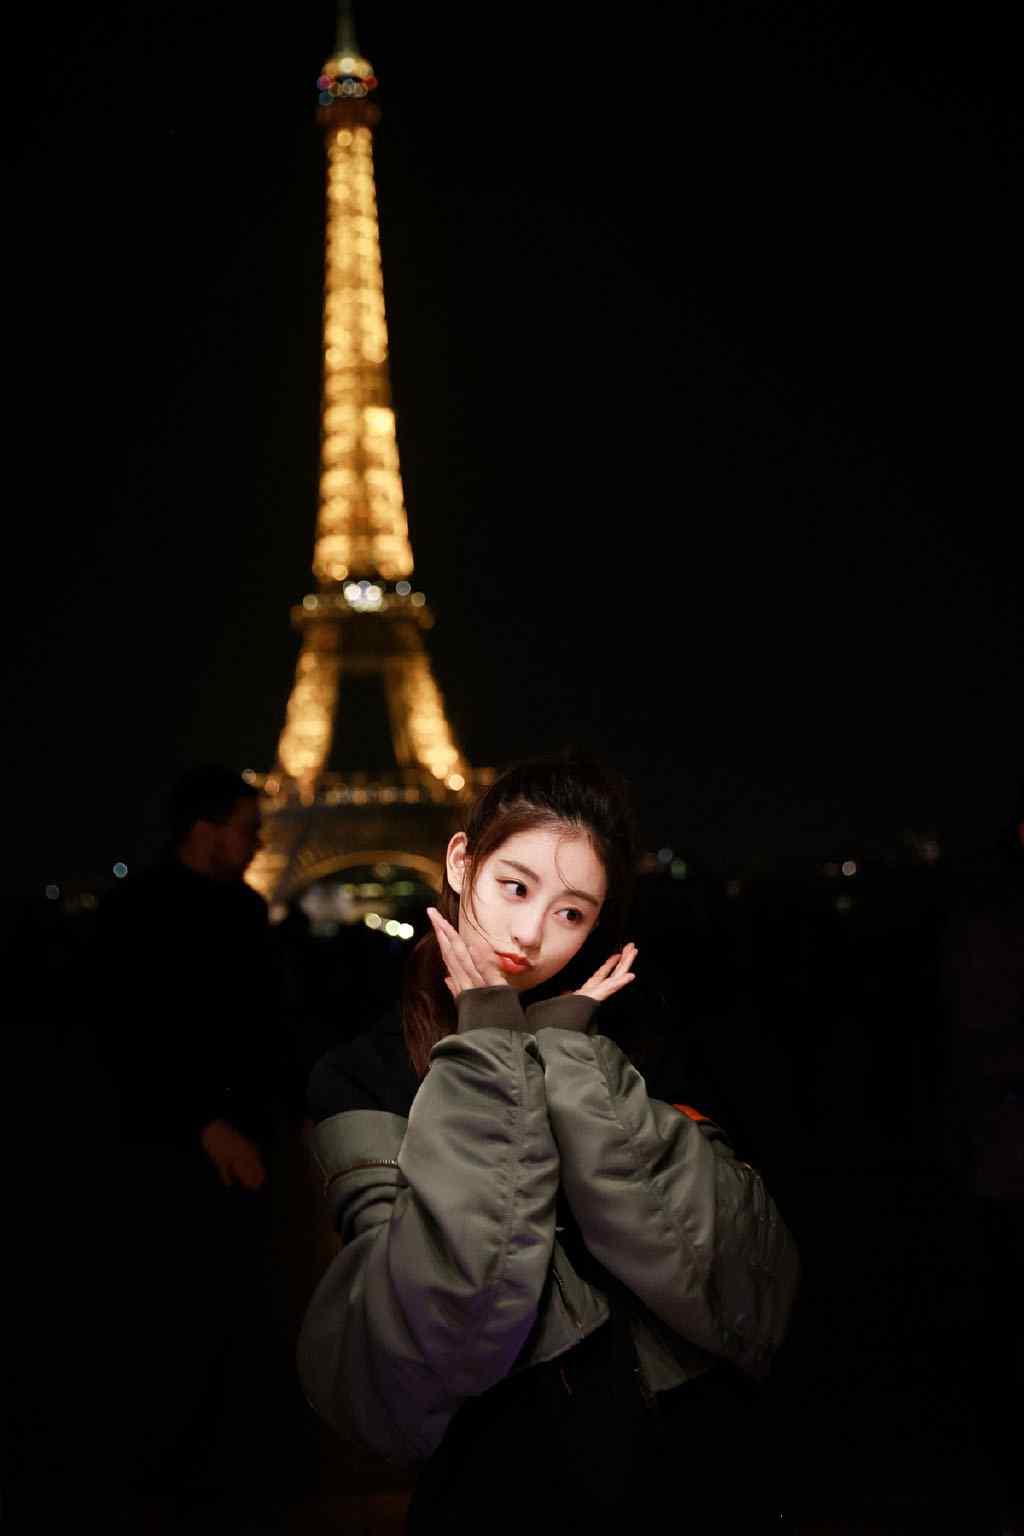 祝绪丹巴黎夜景美照写真图片